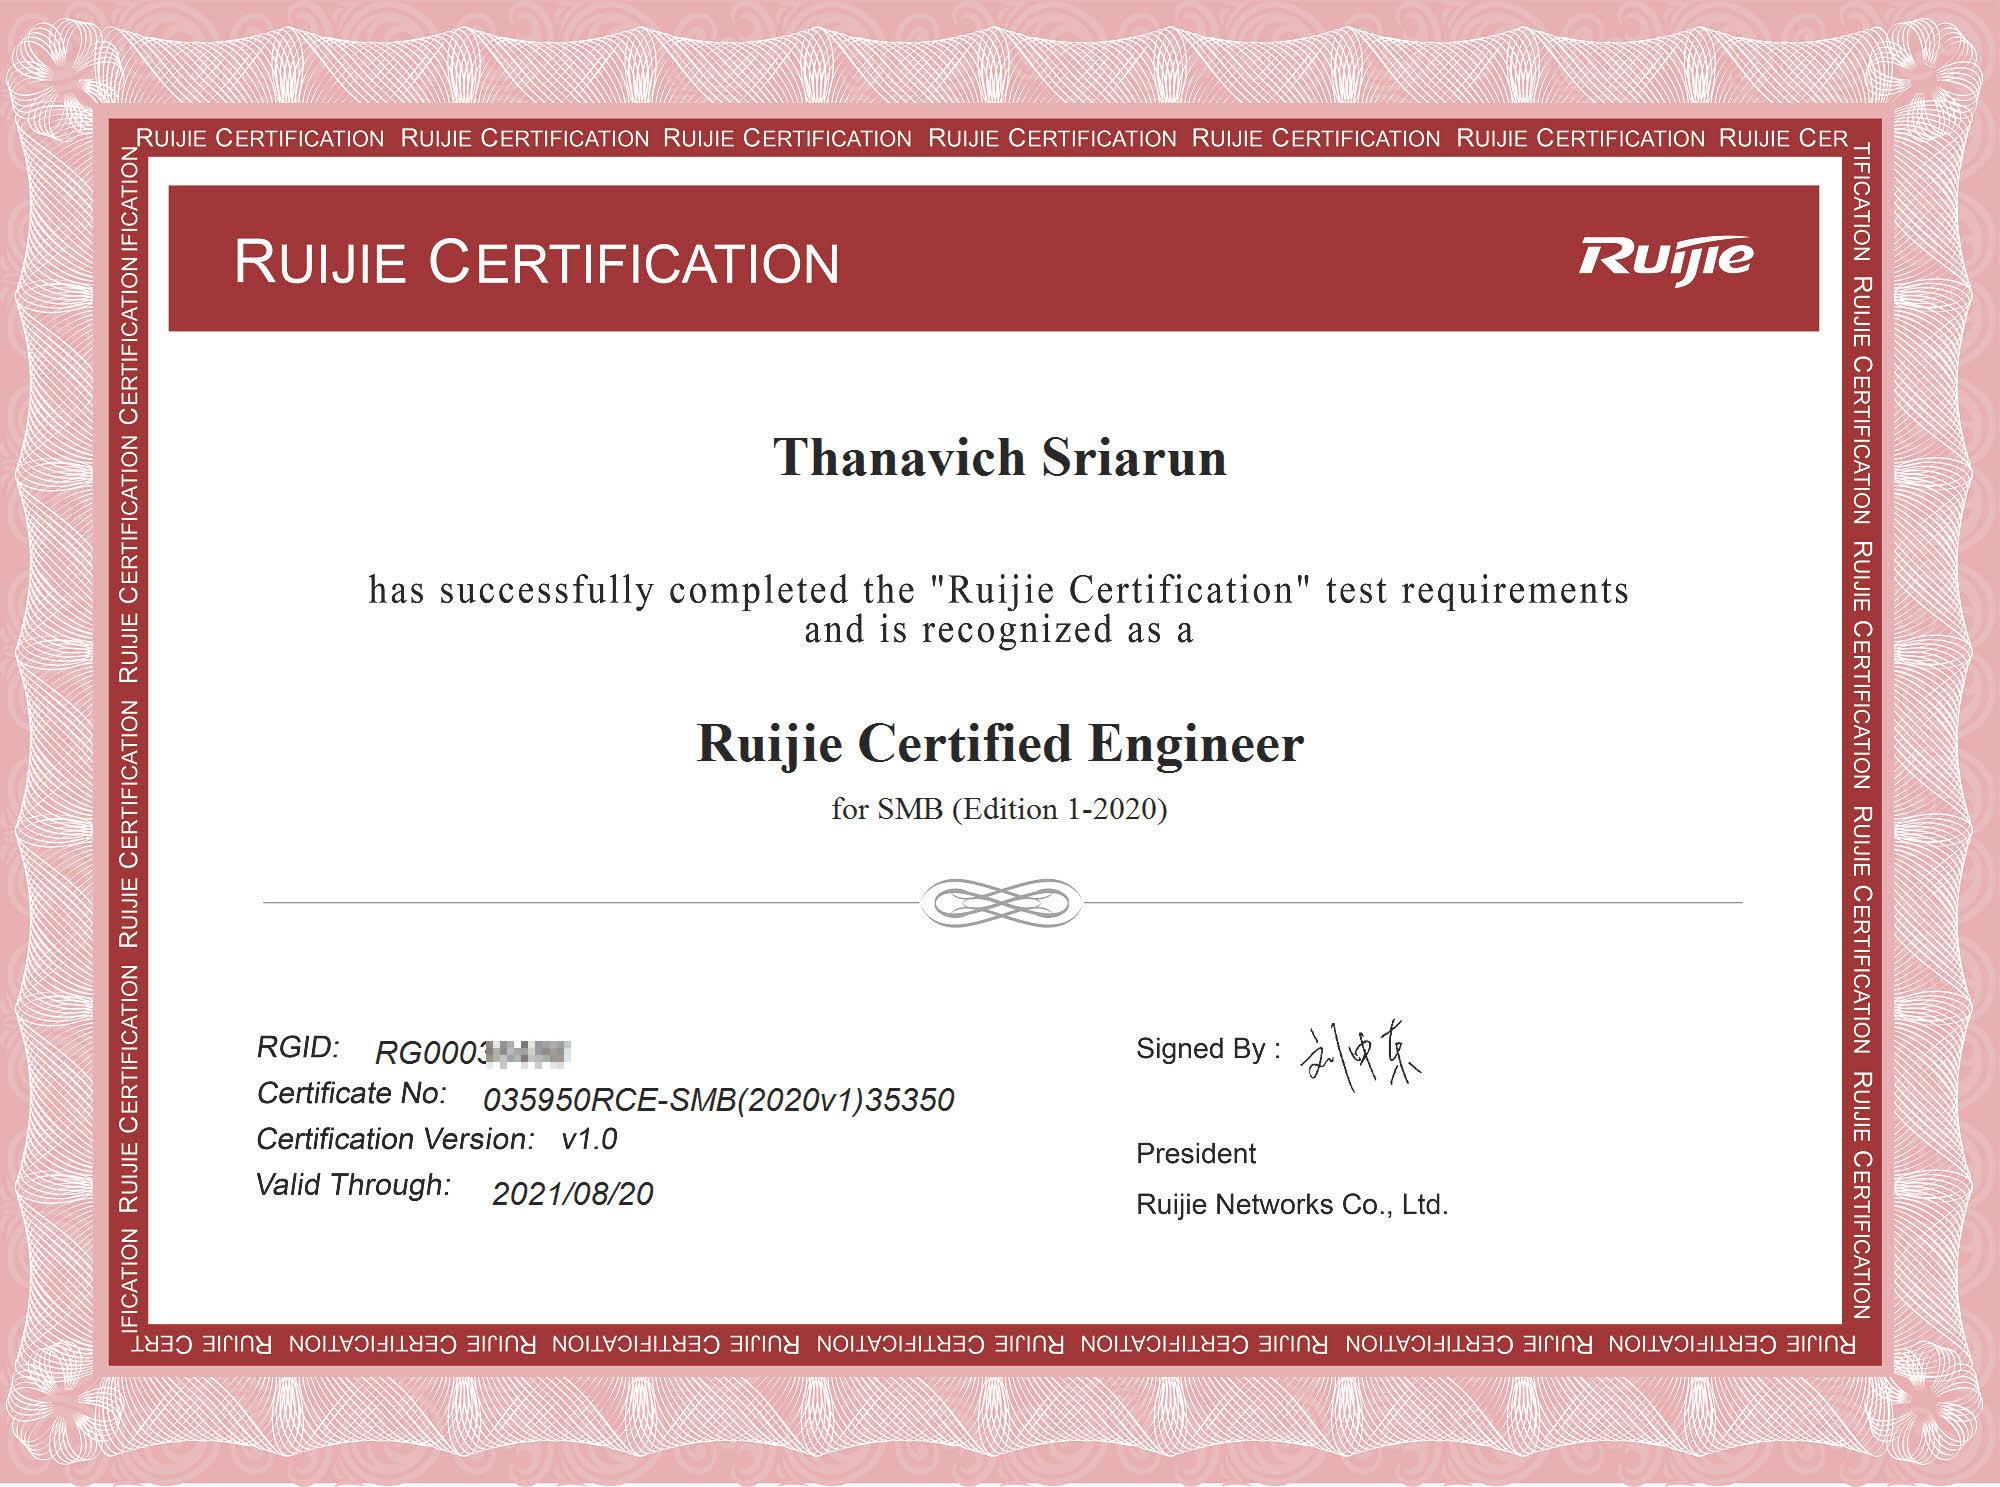 ruijie rce certified